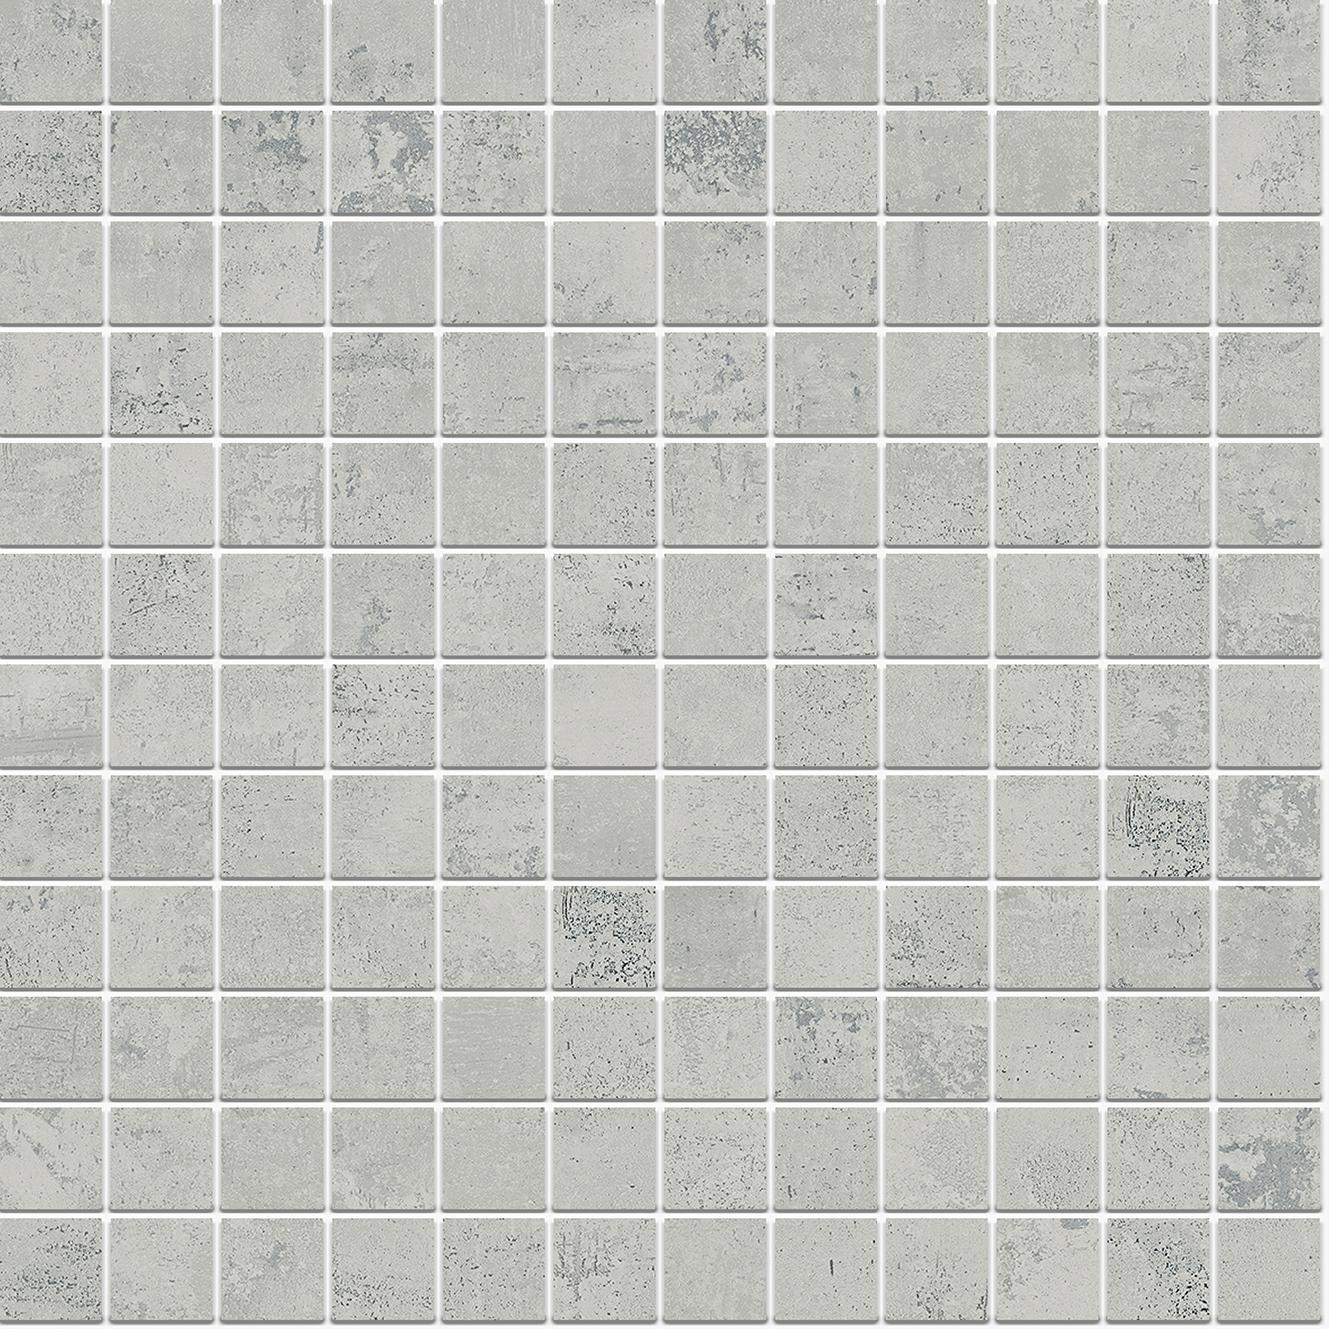 Mosaique Grigio